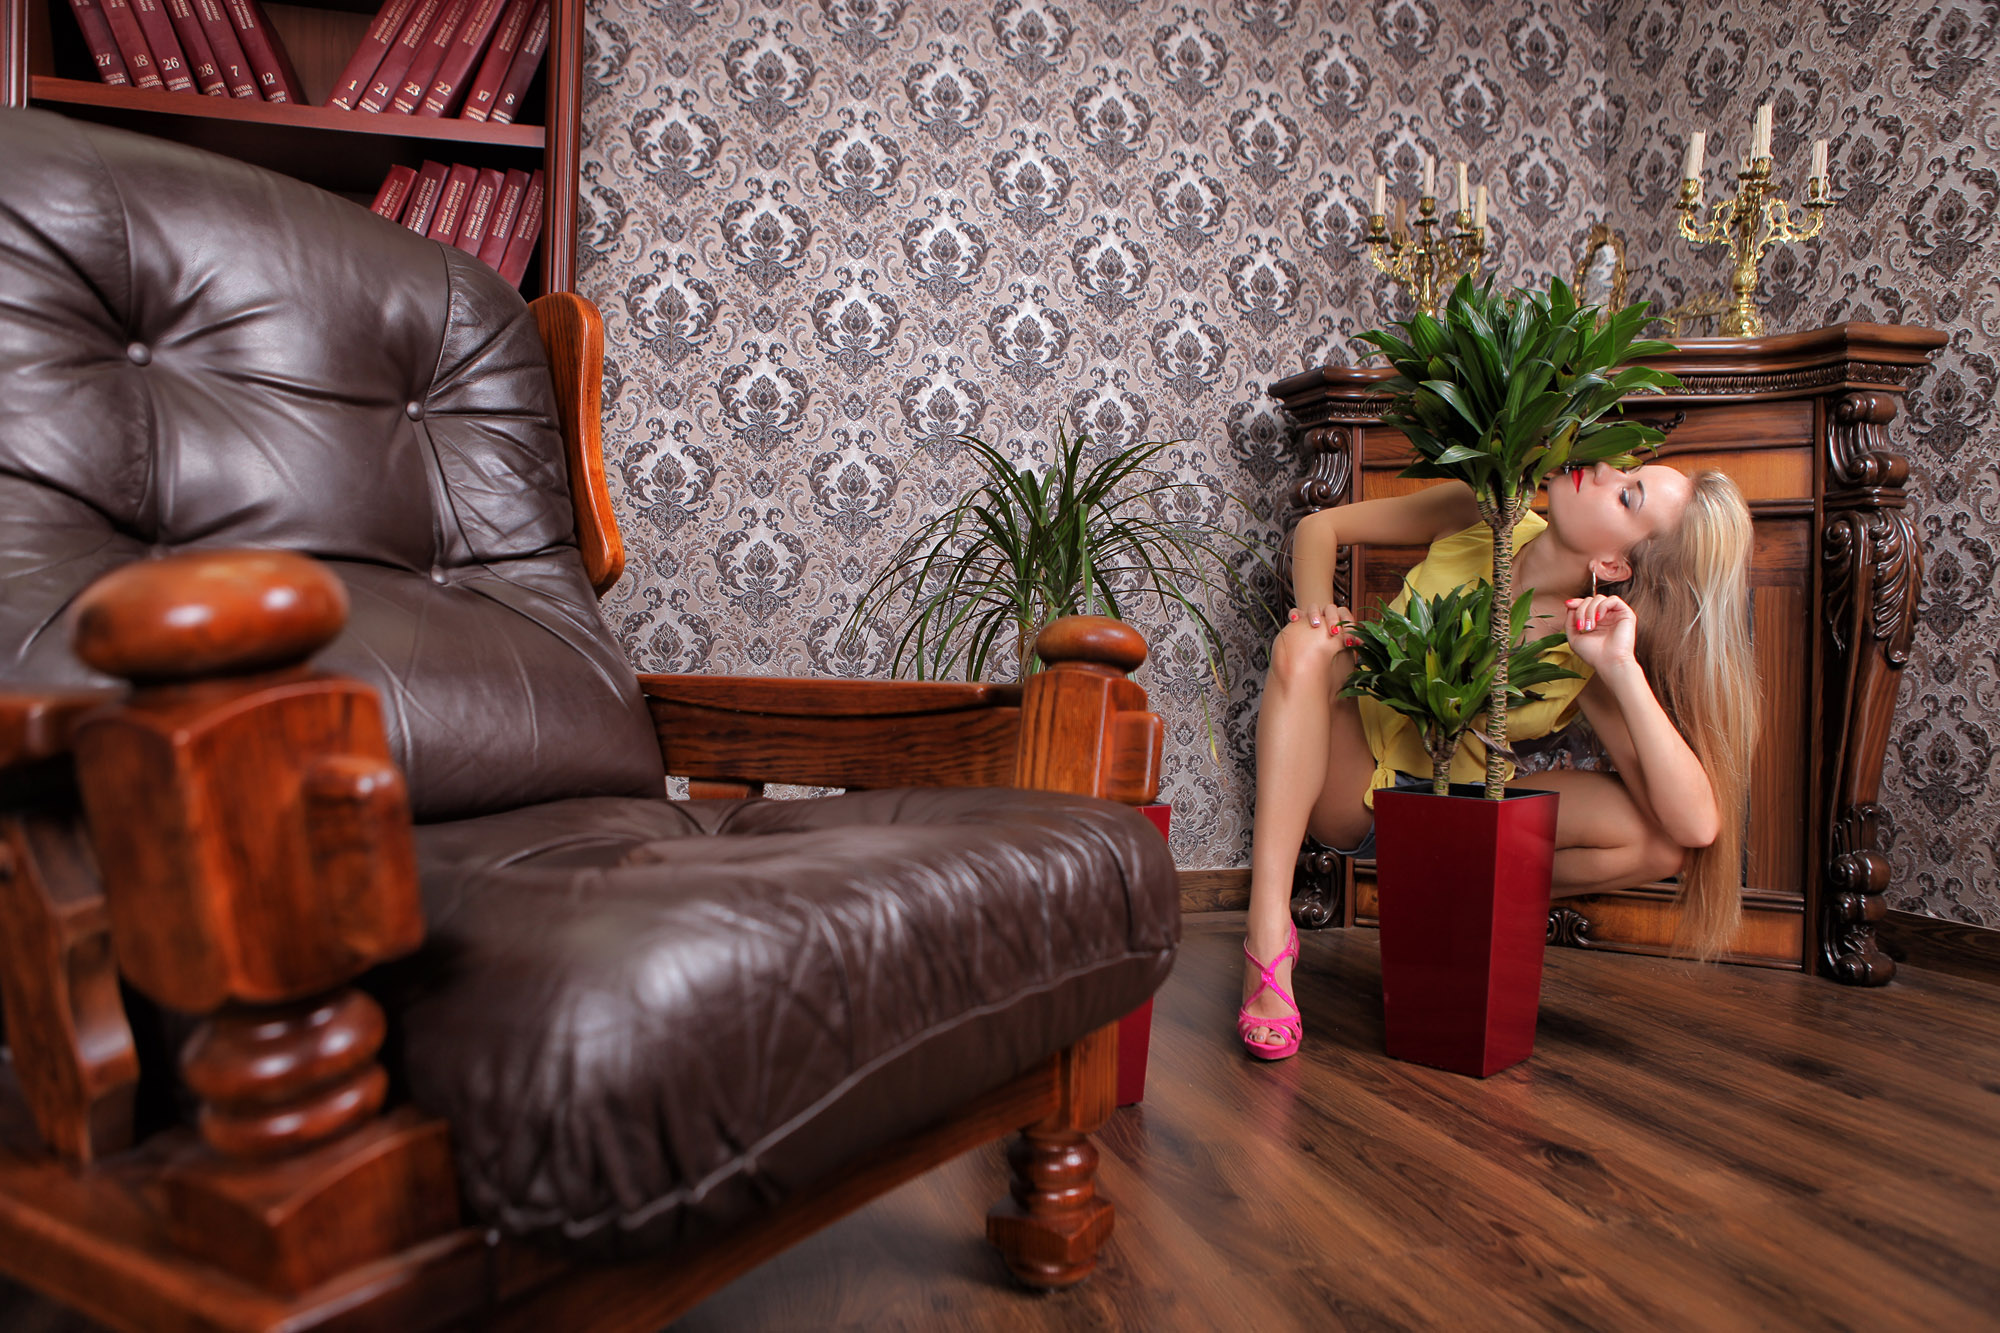 фотозона , интерьерная фото студия , ноги, цветы, кабинет